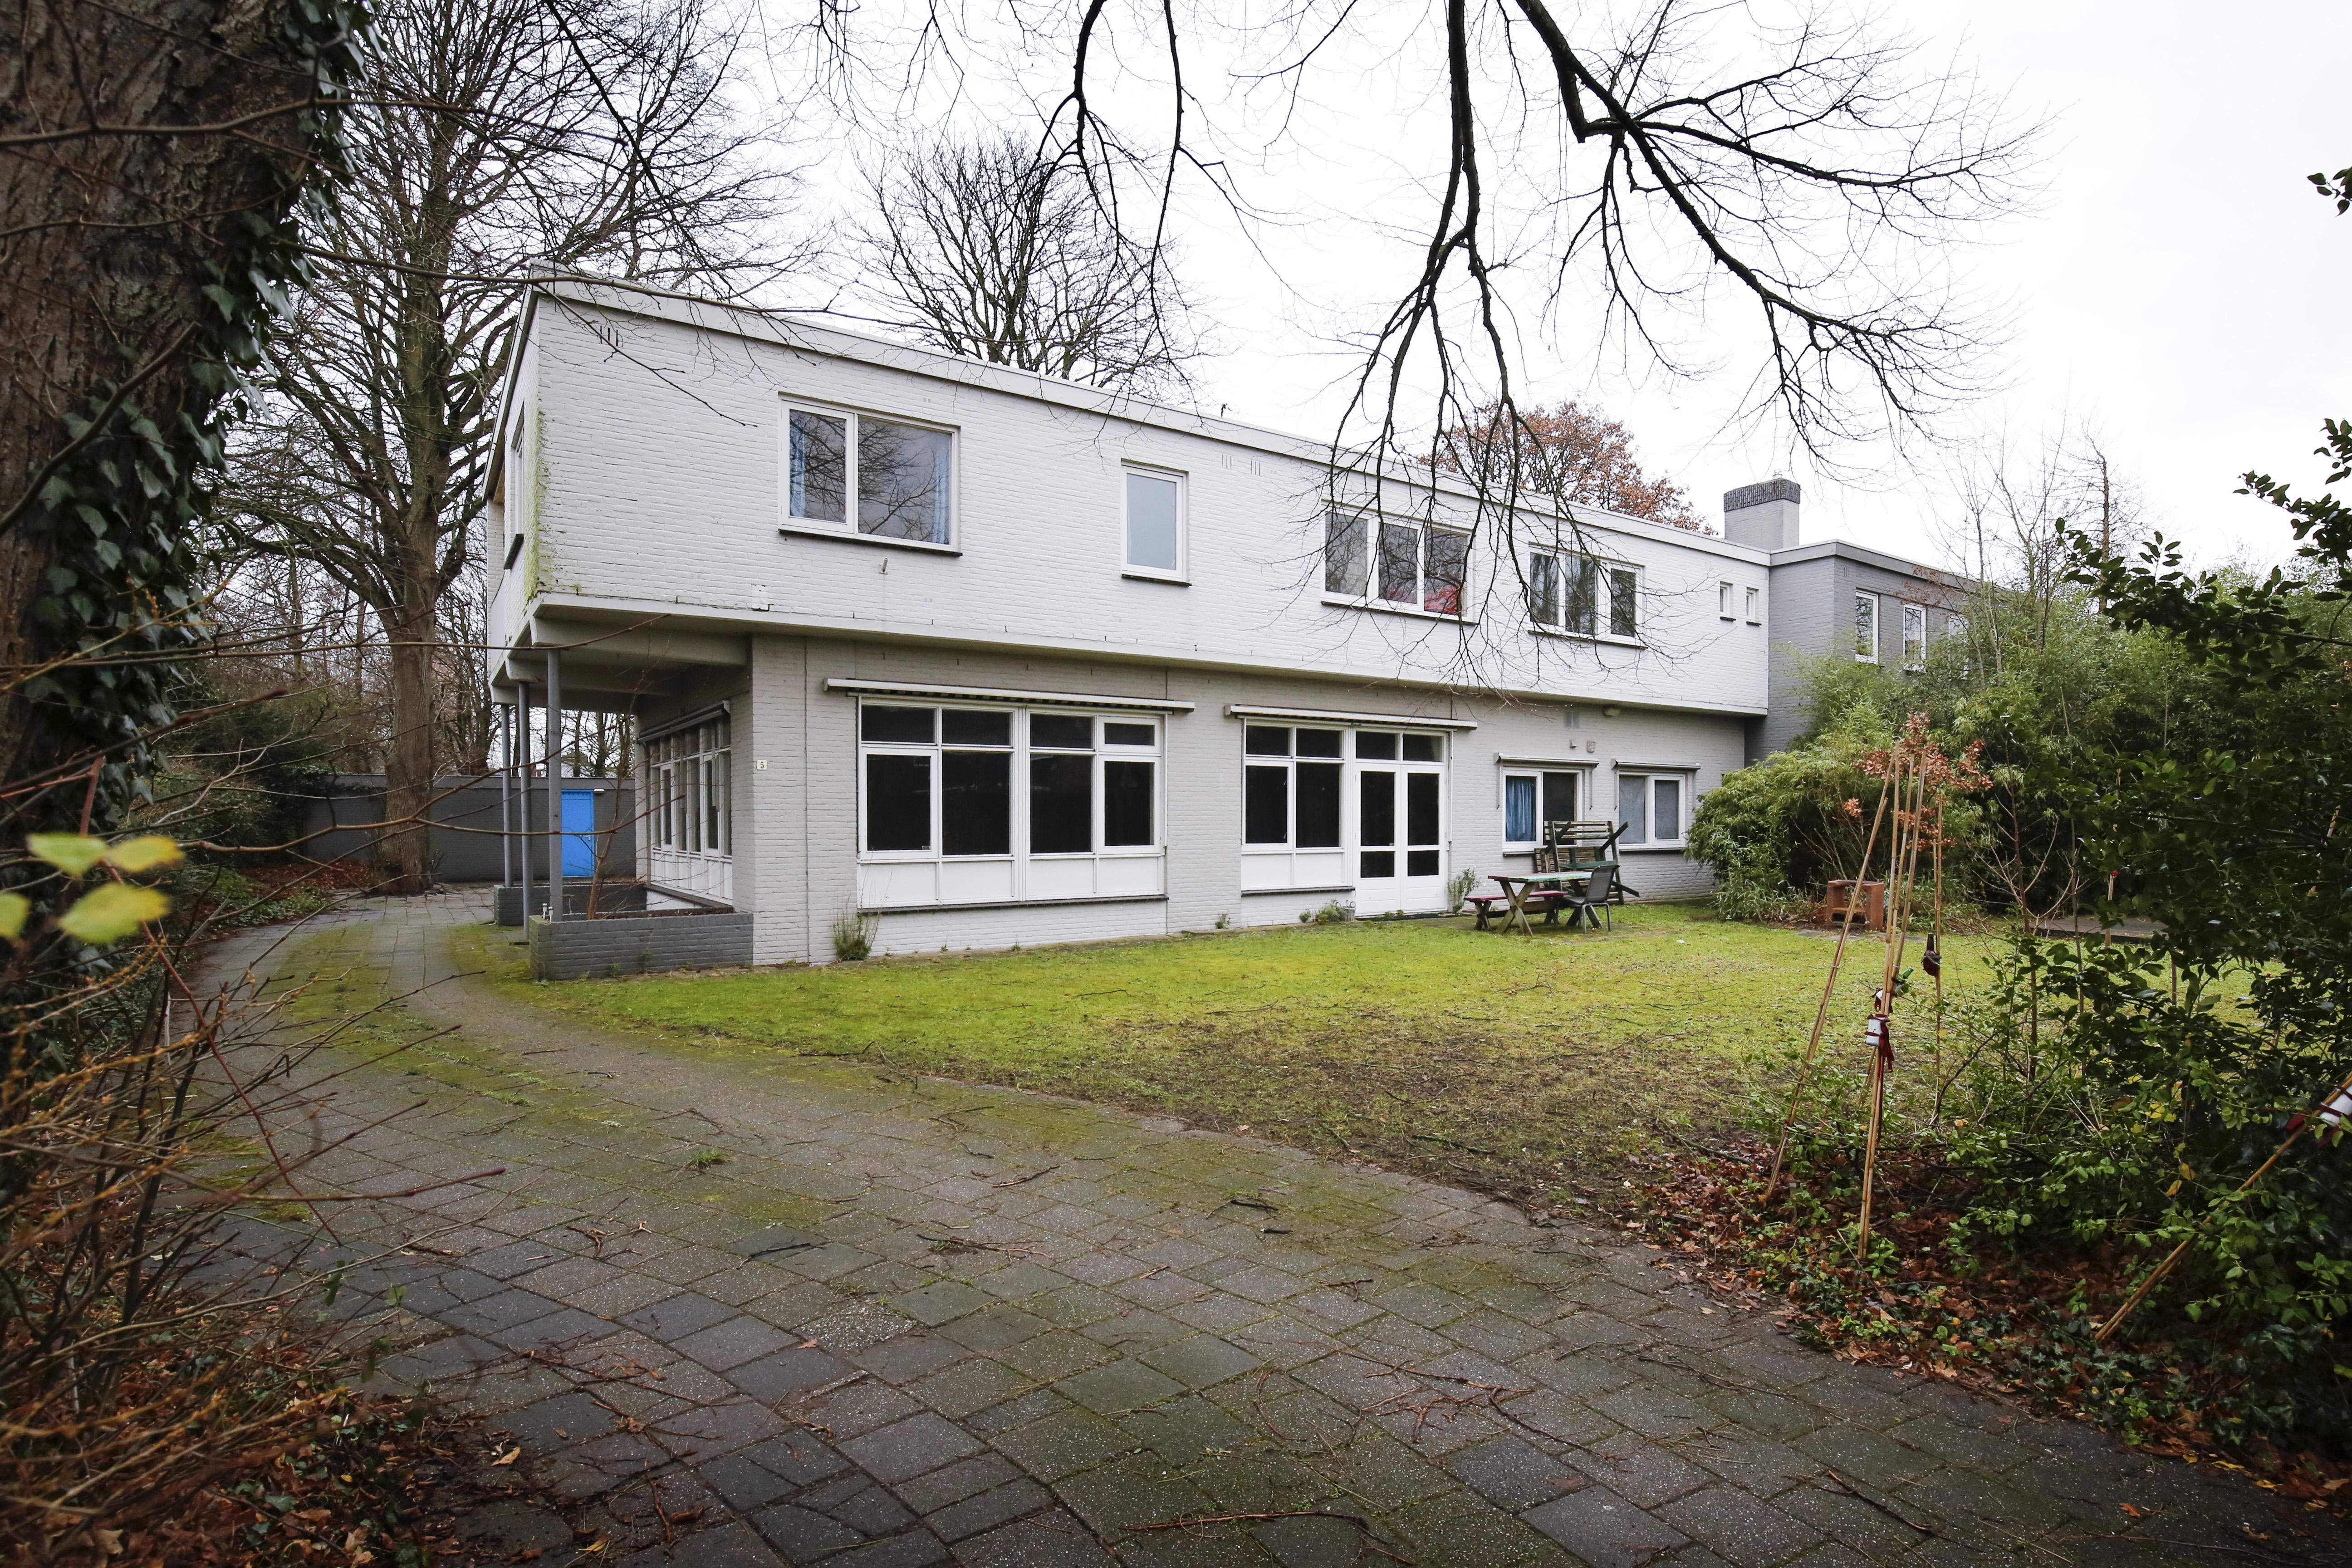 Wijkcomité Driehuis pleit voor behoud bomen op terrein Witte Huis ten koste van drie appartementen